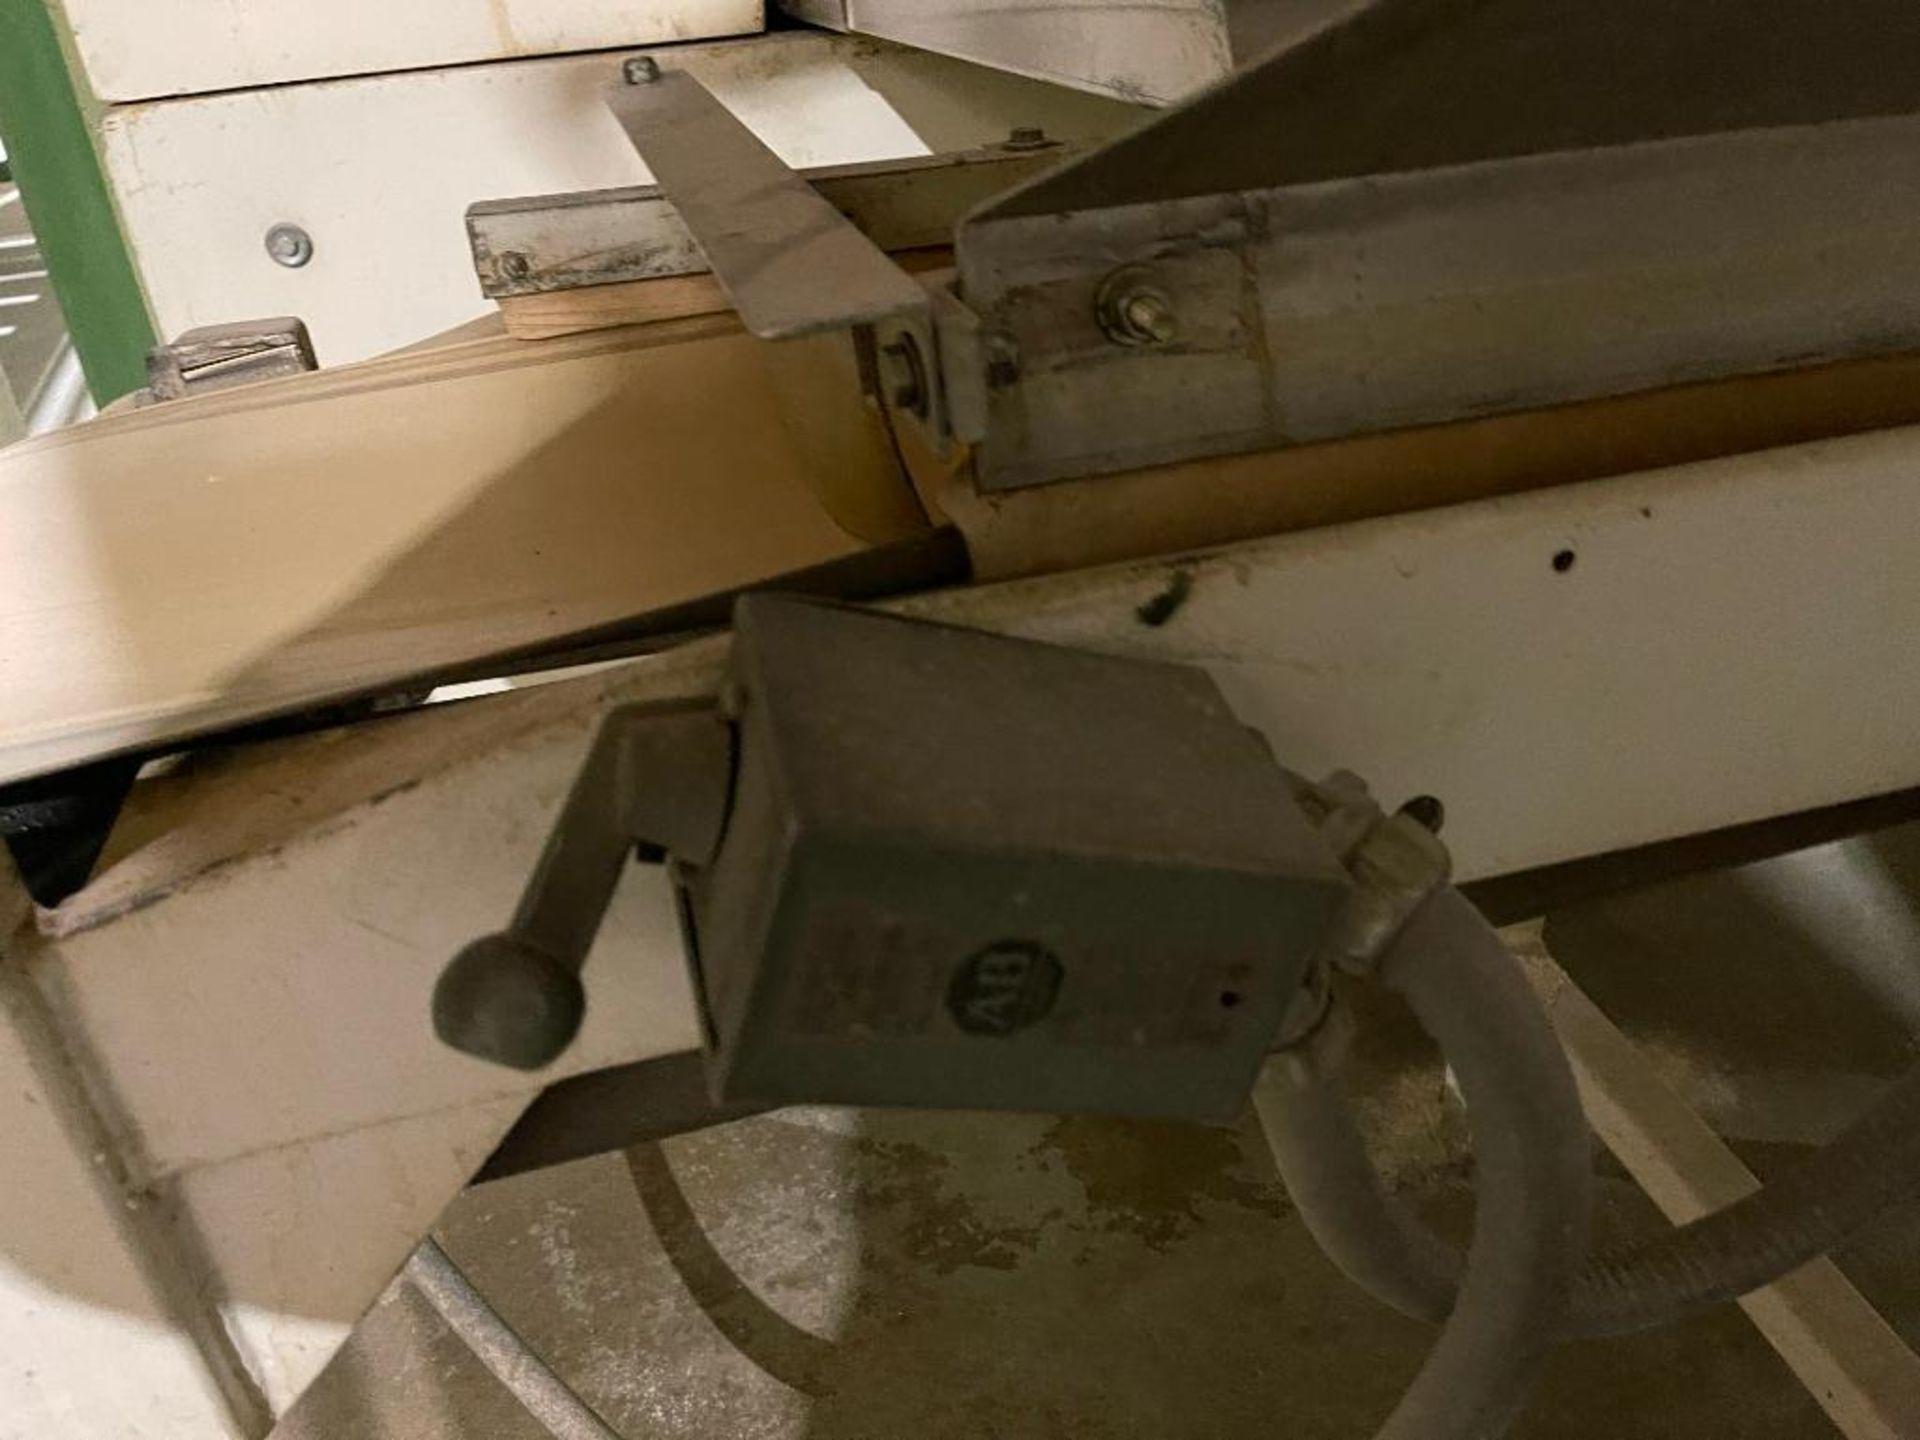 mild steel belt conveyor - Image 8 of 16